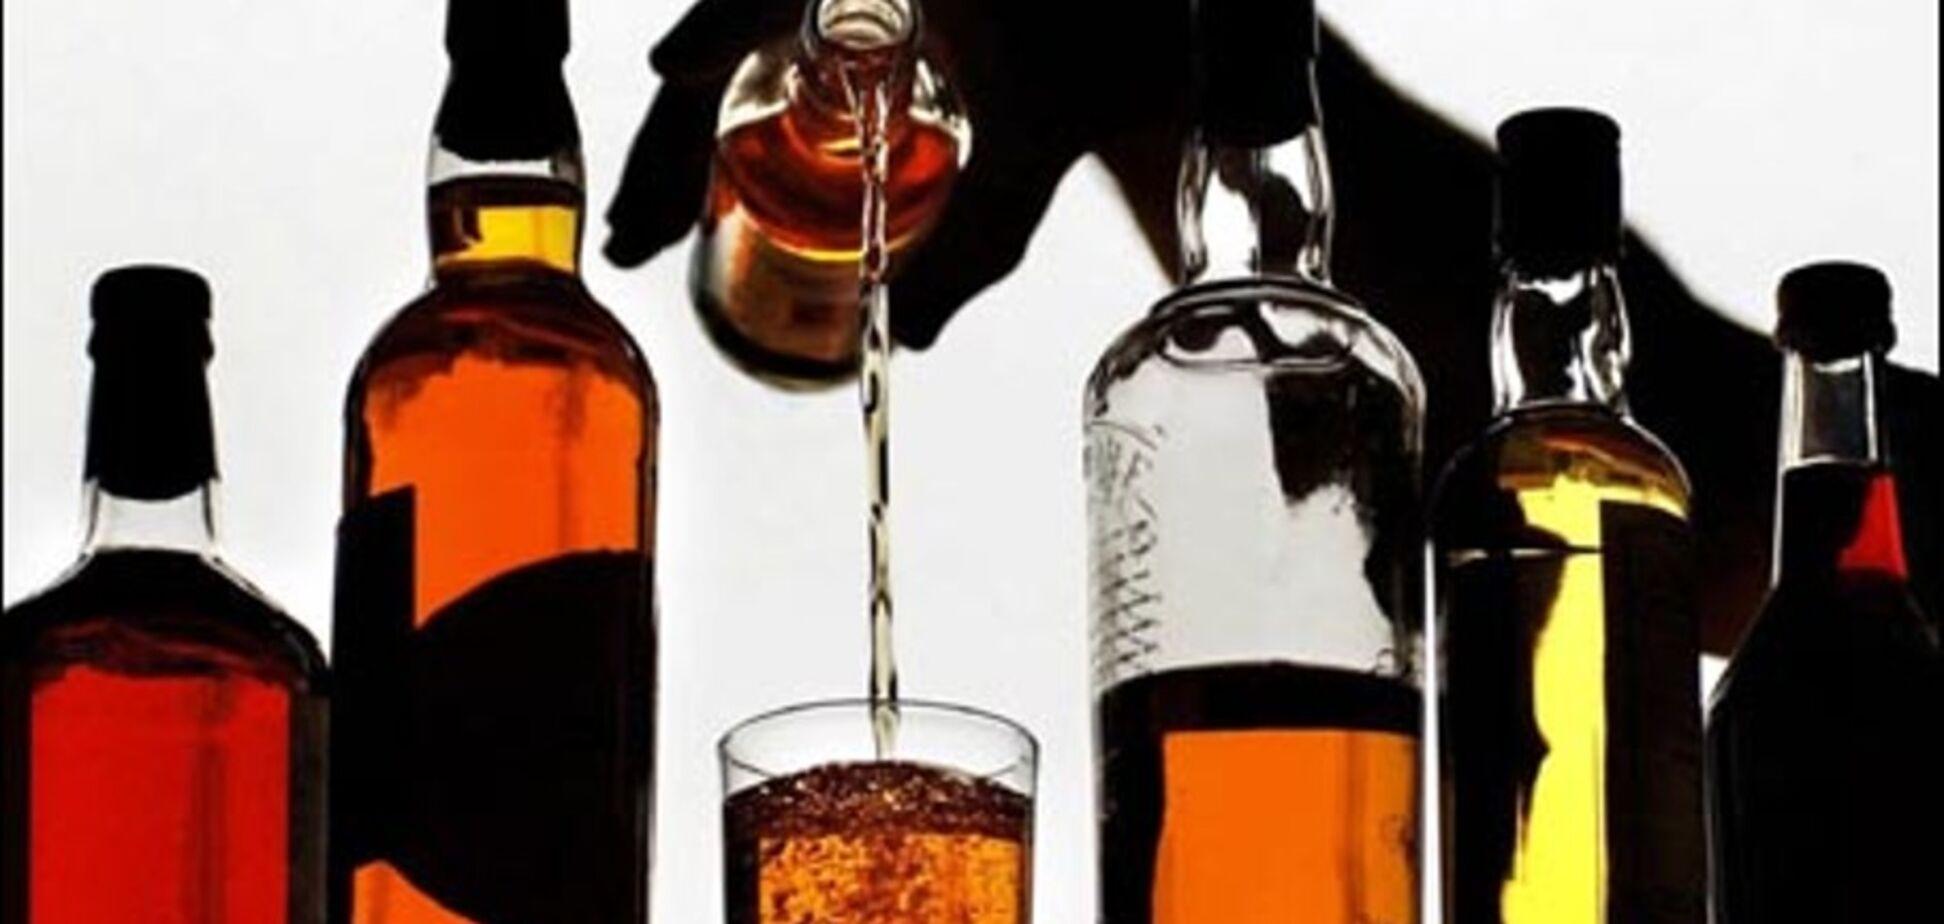 Як розпізнати підроблений алкоголь: поради експерта